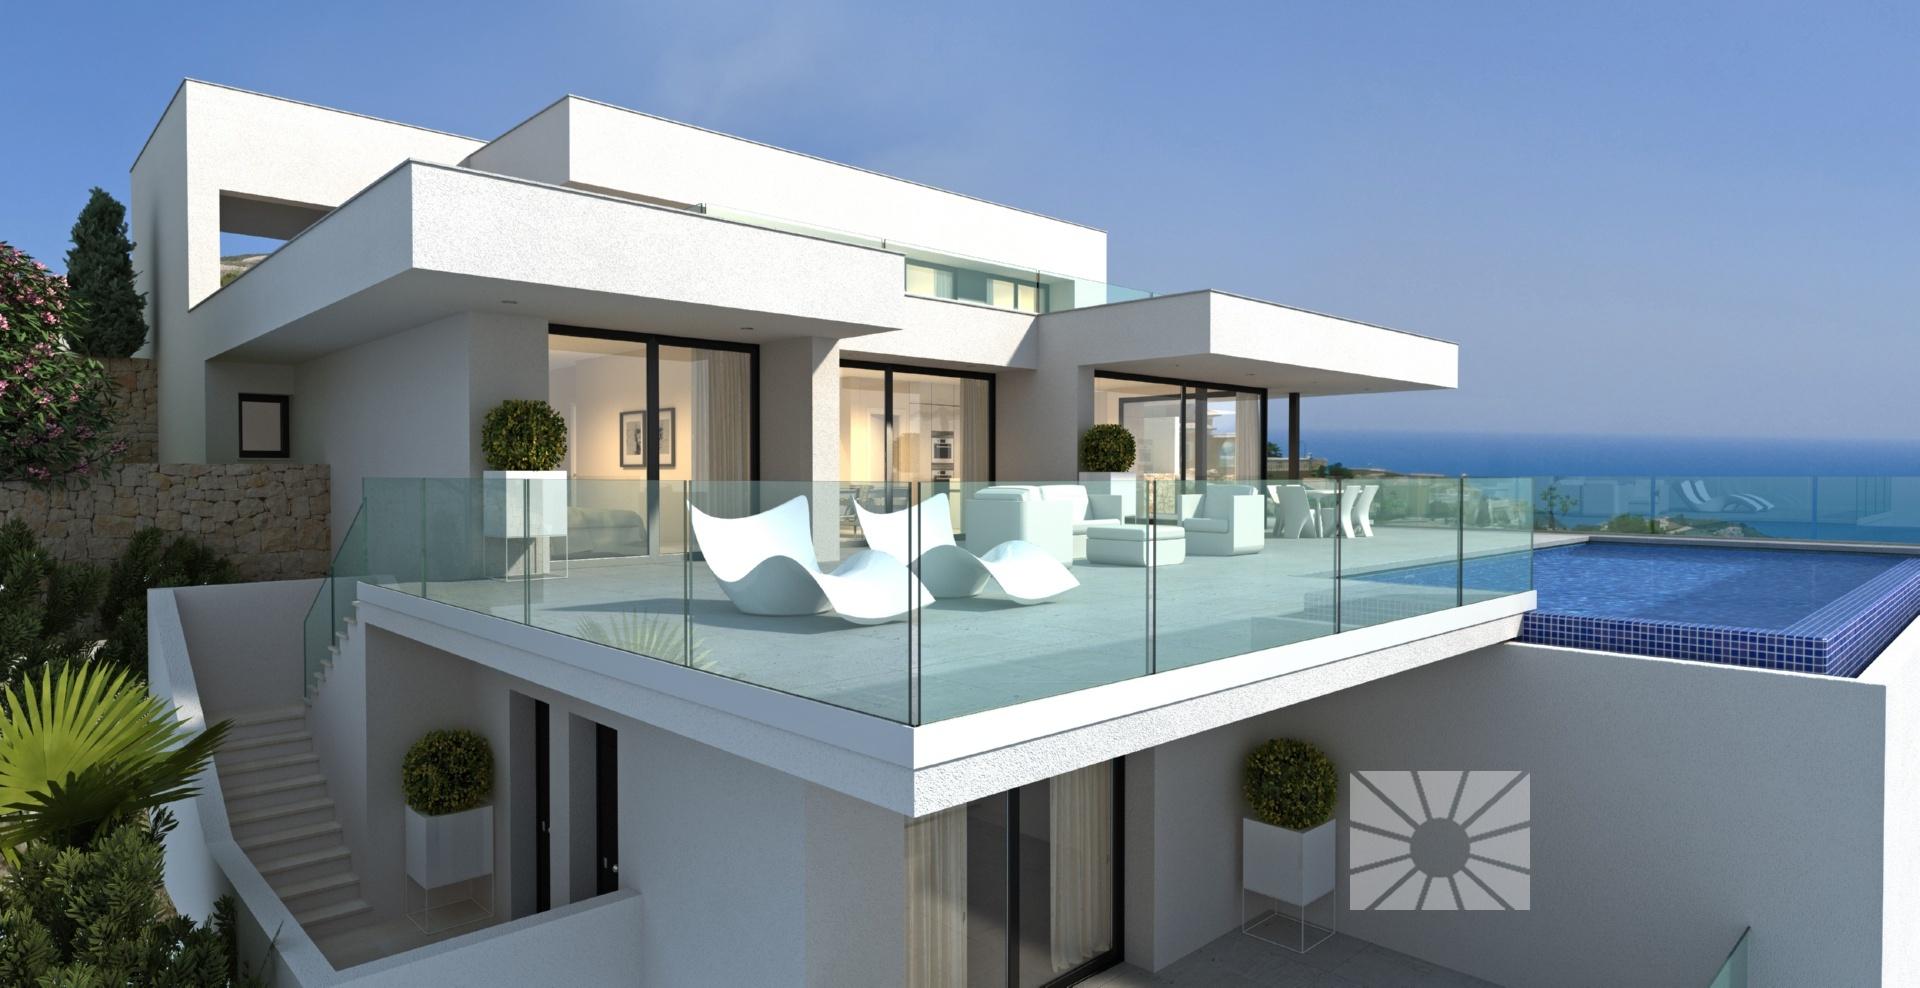 Villa horizonte moderne villa te koop in woonwijk jazmines cumbre